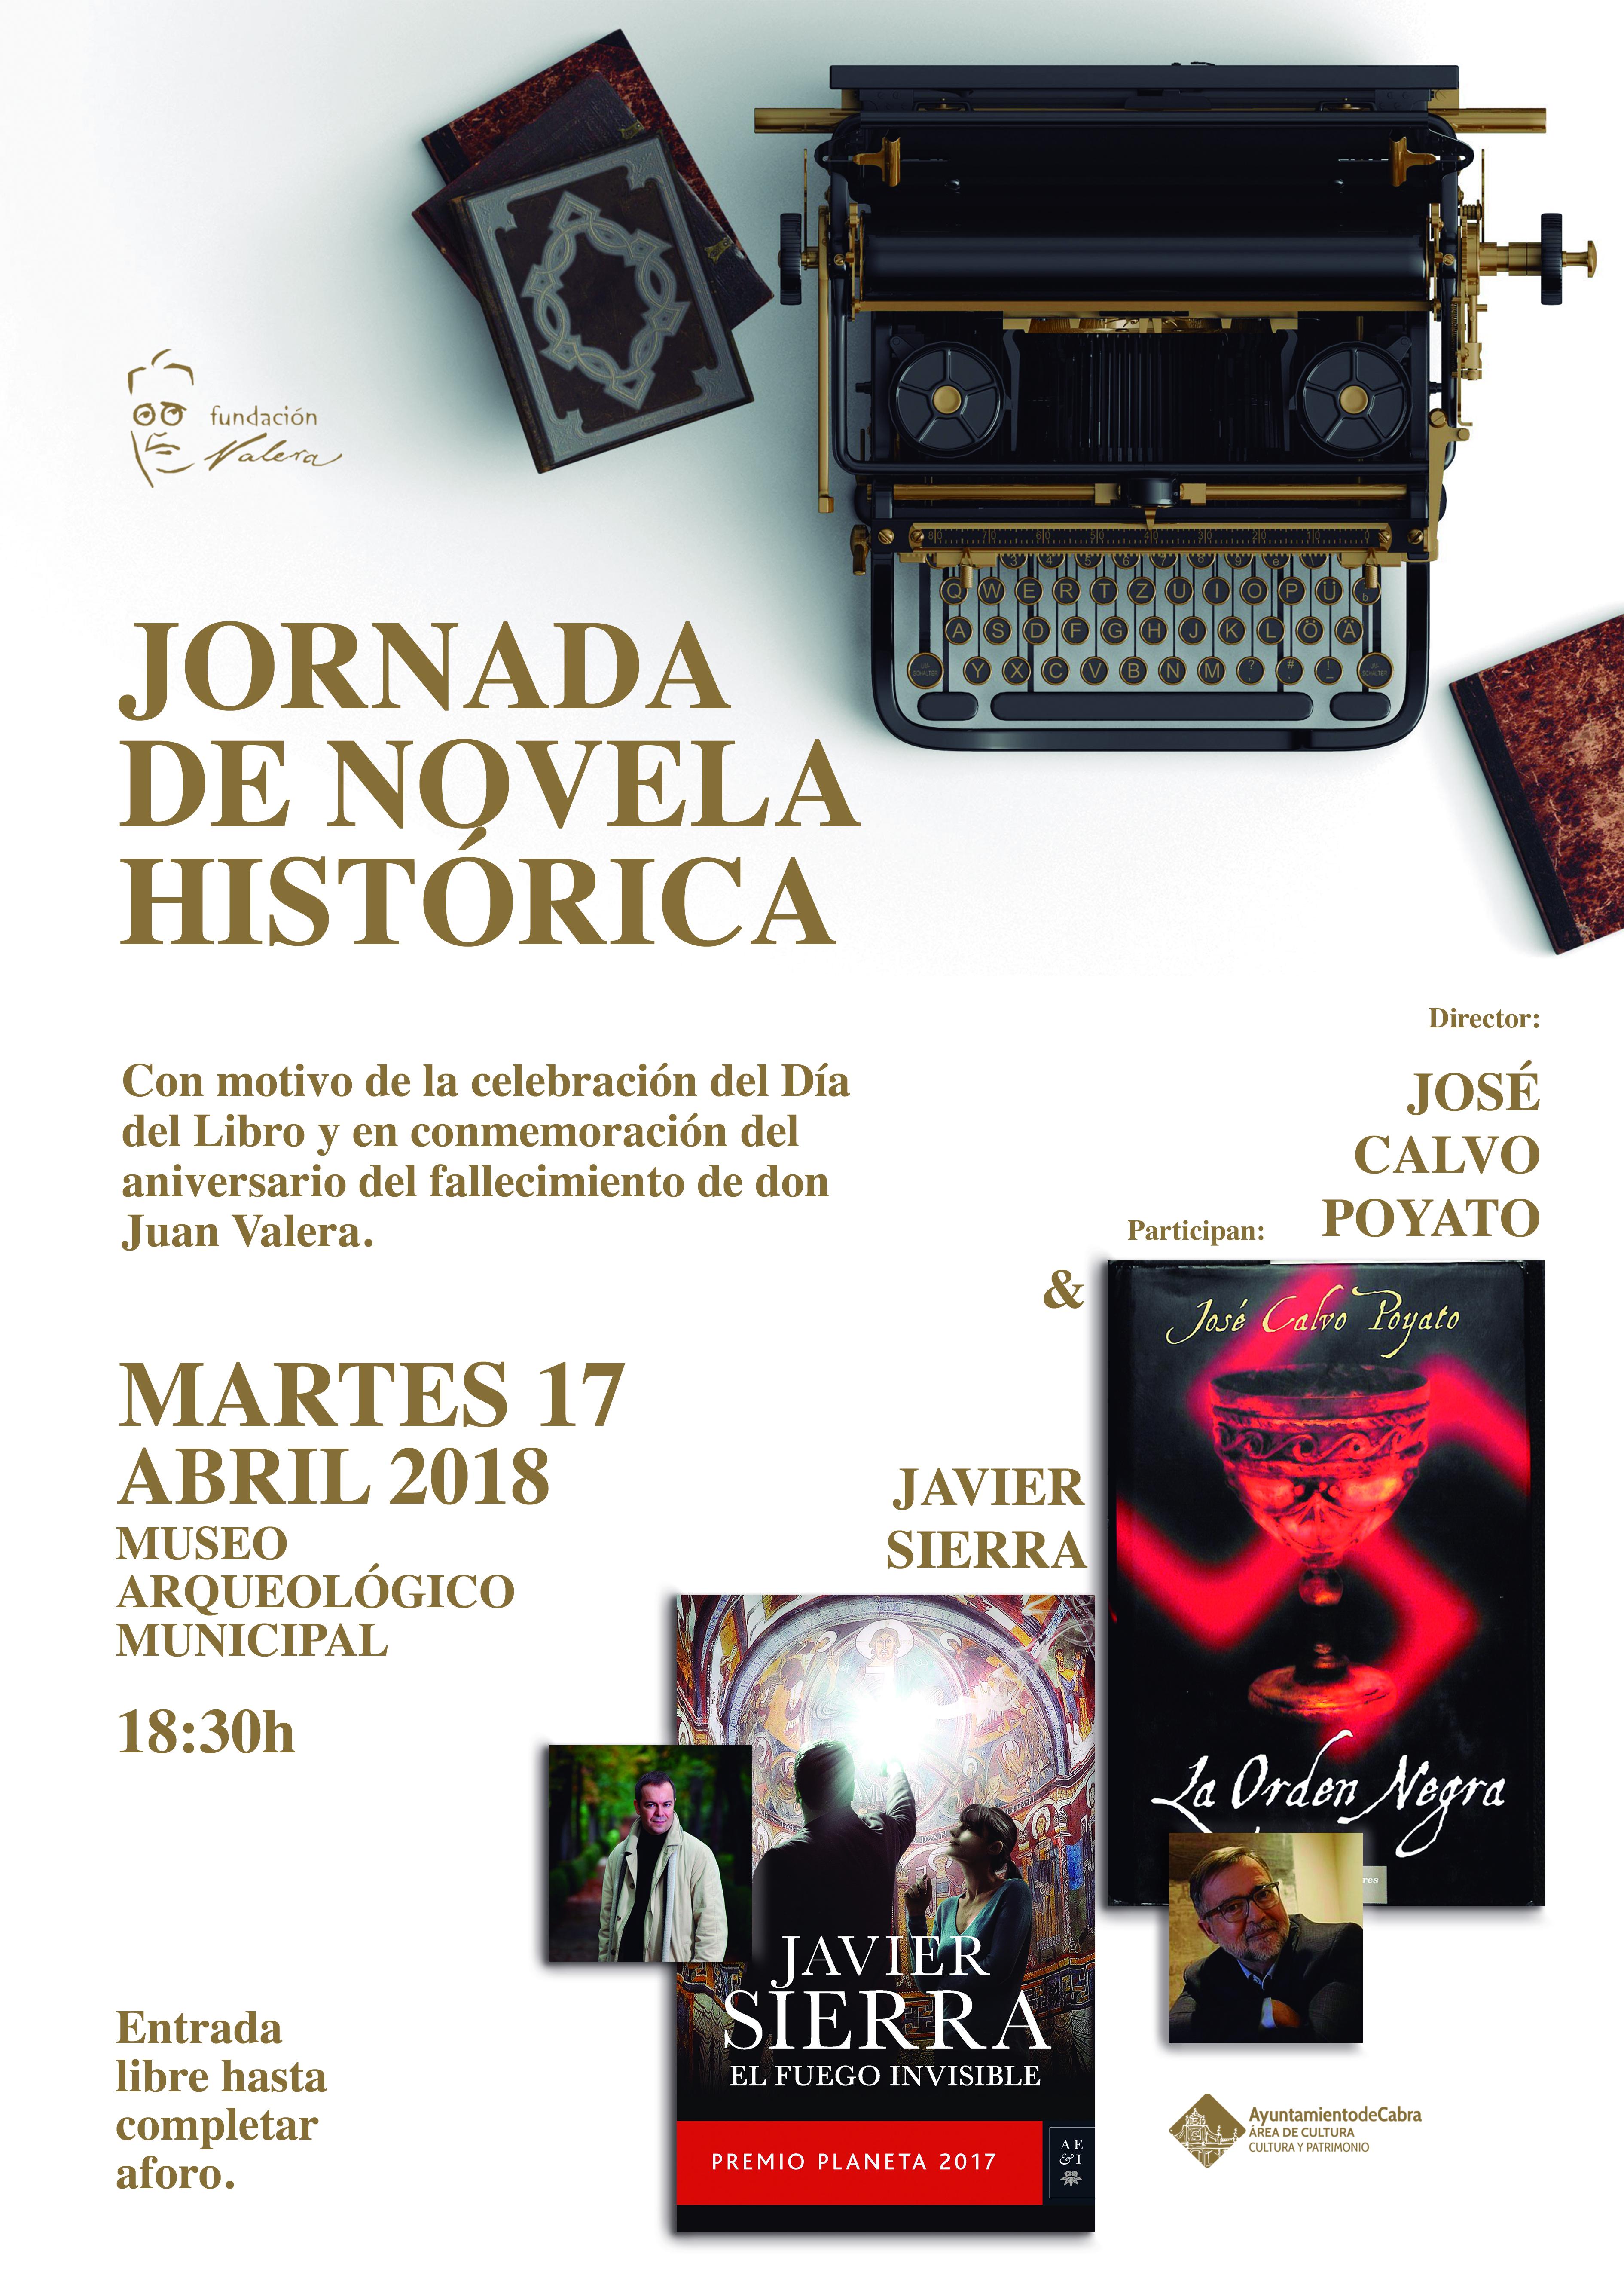 Jornada Javier Sierra en CABRA